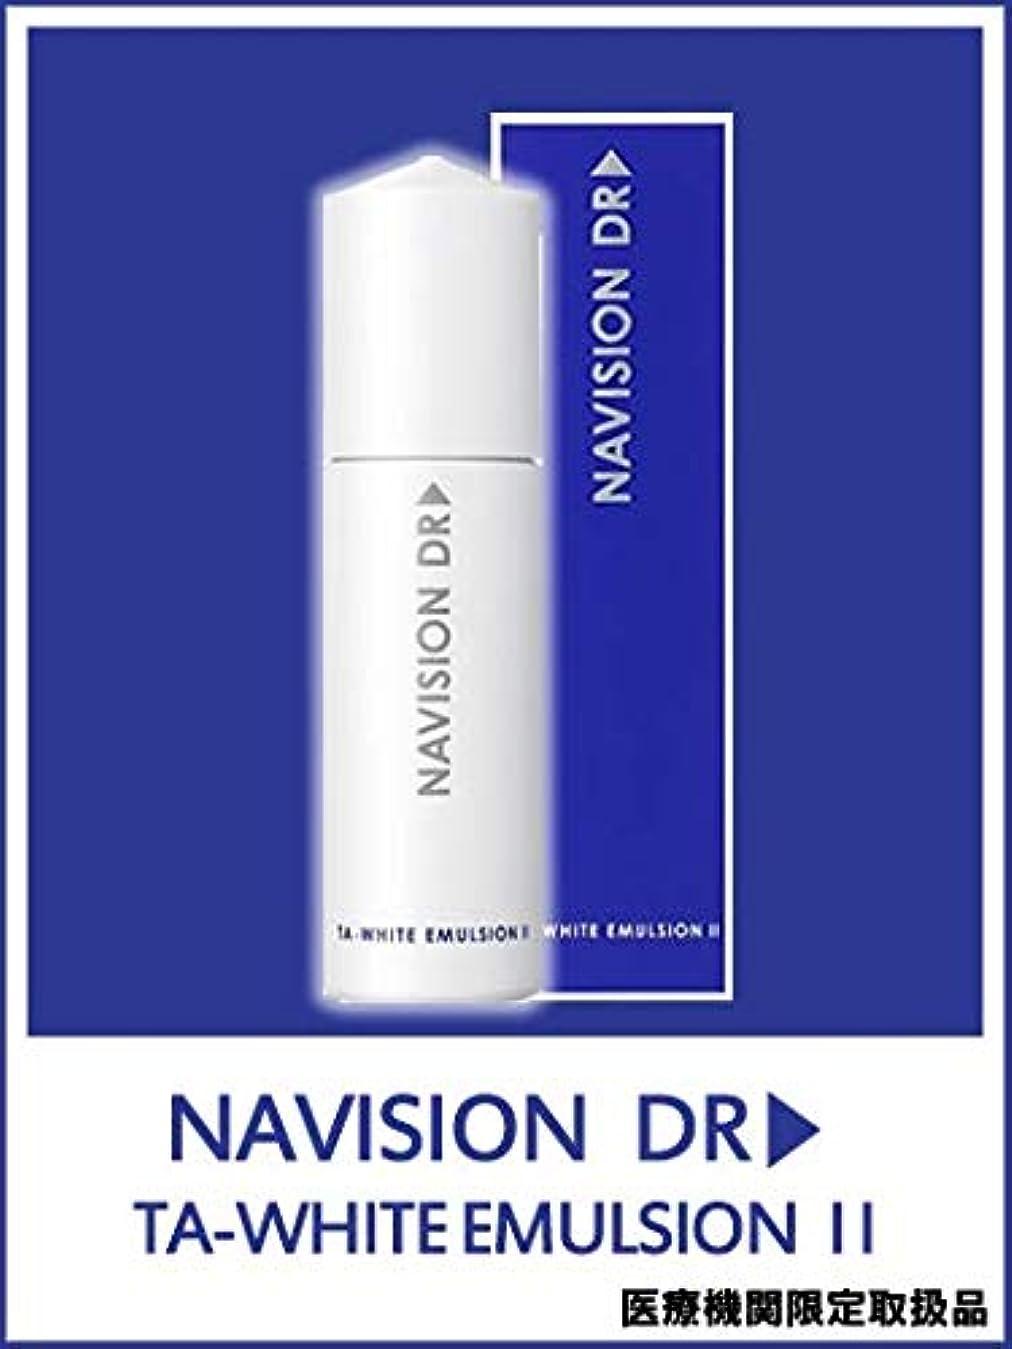 ドット劣る征服者NAVISION DR? ナビジョンDR TAホワイトエマルジョンⅡnしっとりうるおうタイプ(医薬部外品) 120mL